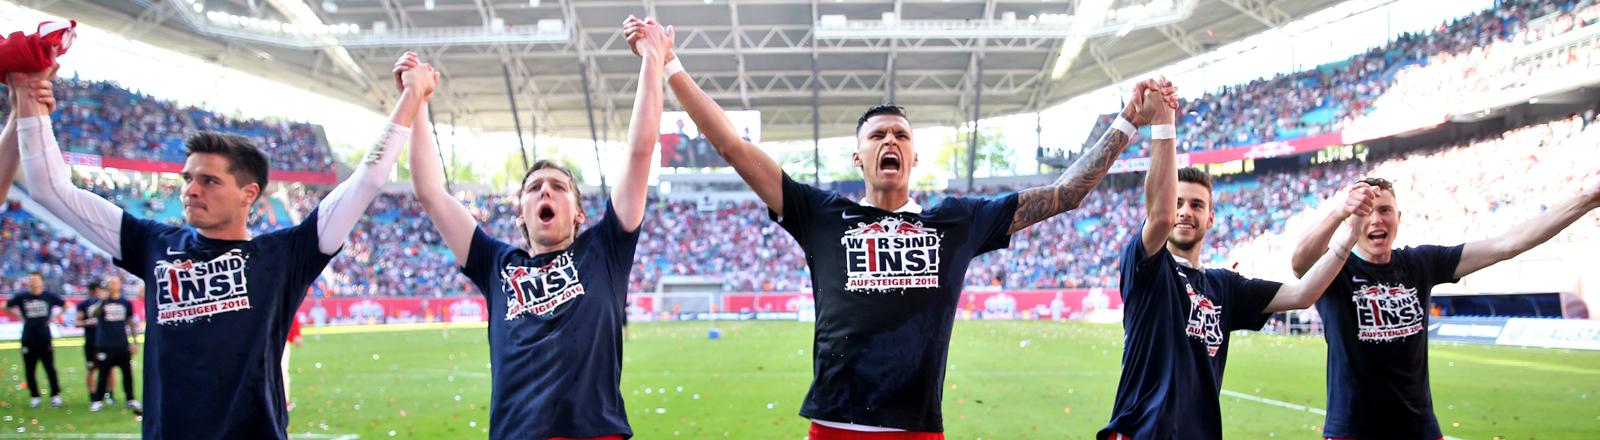 RB Leipzig - Karlsruher SC, 33. Spieltag am 08.05.2016 in der Red Bull Arena, Leipzig (Sachsen). Davie Selke (M) feiert mit Leipziger Mannschaftskollegen den Aufstieg in die 1. Bundesliga.